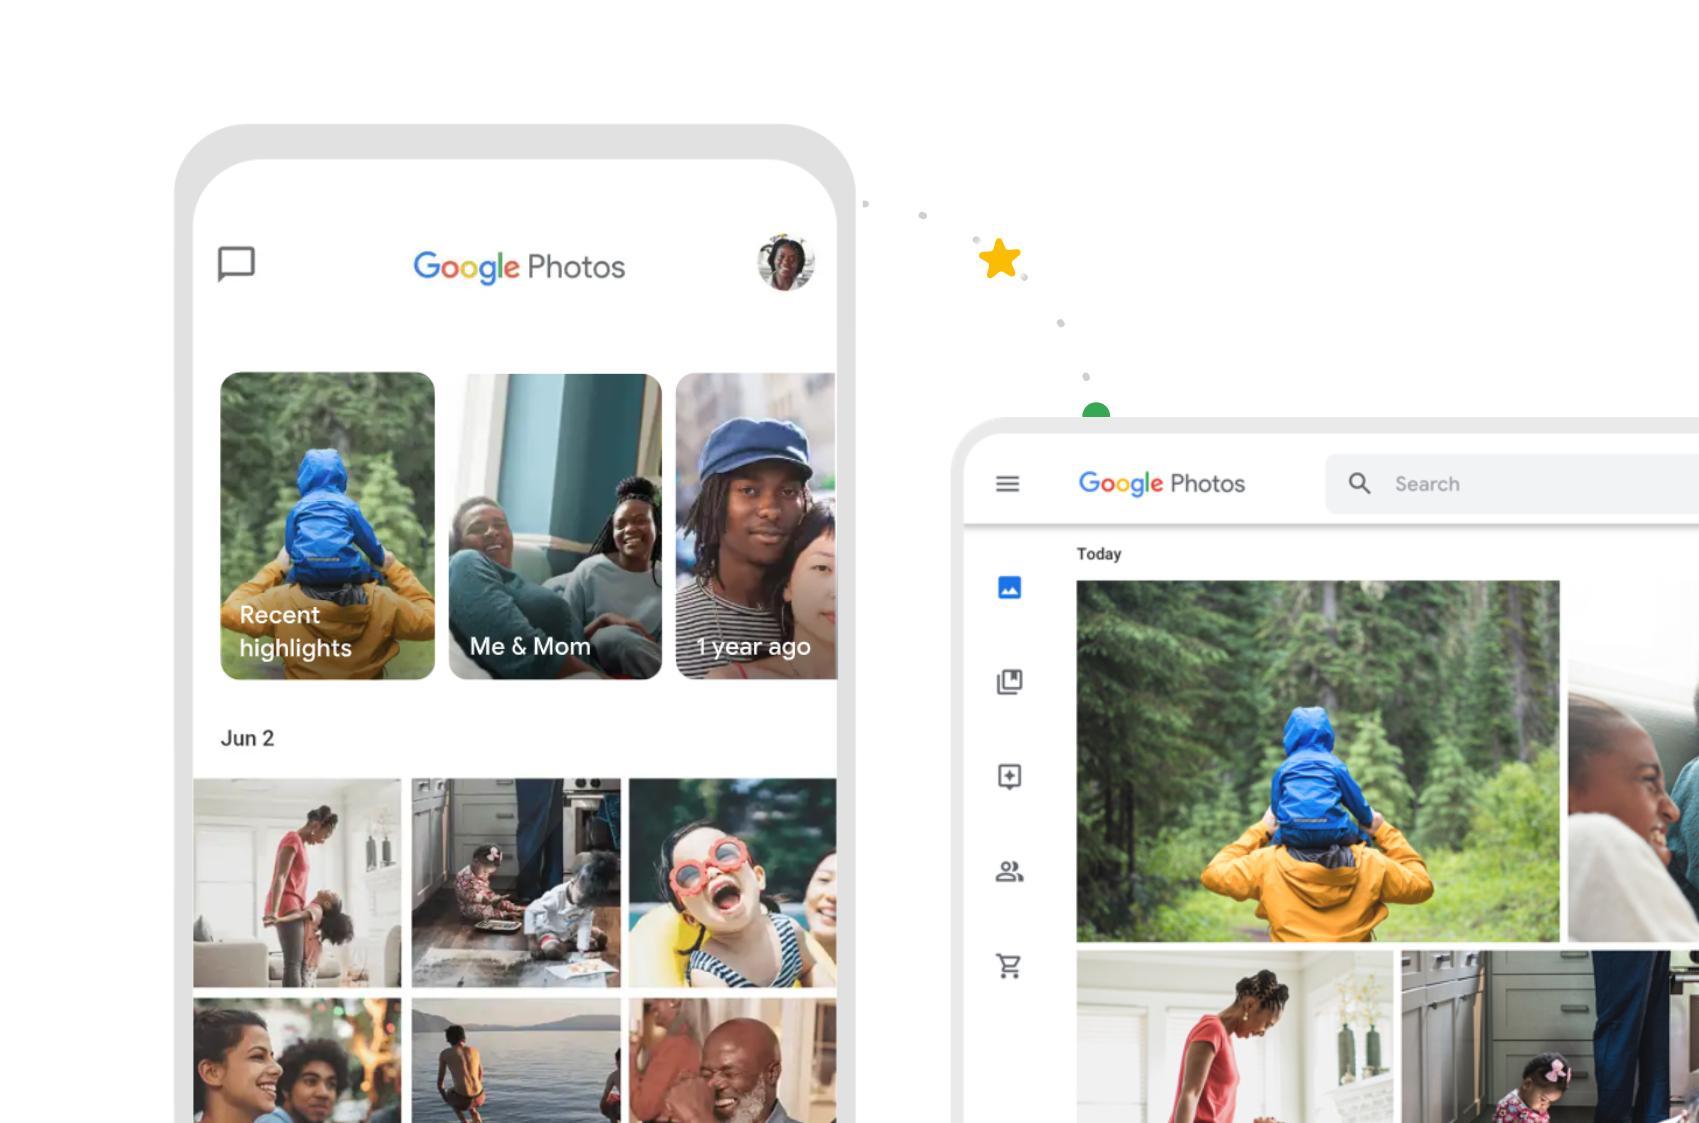 Google перестаёт давать место для фотографий. Ищем альтернативы